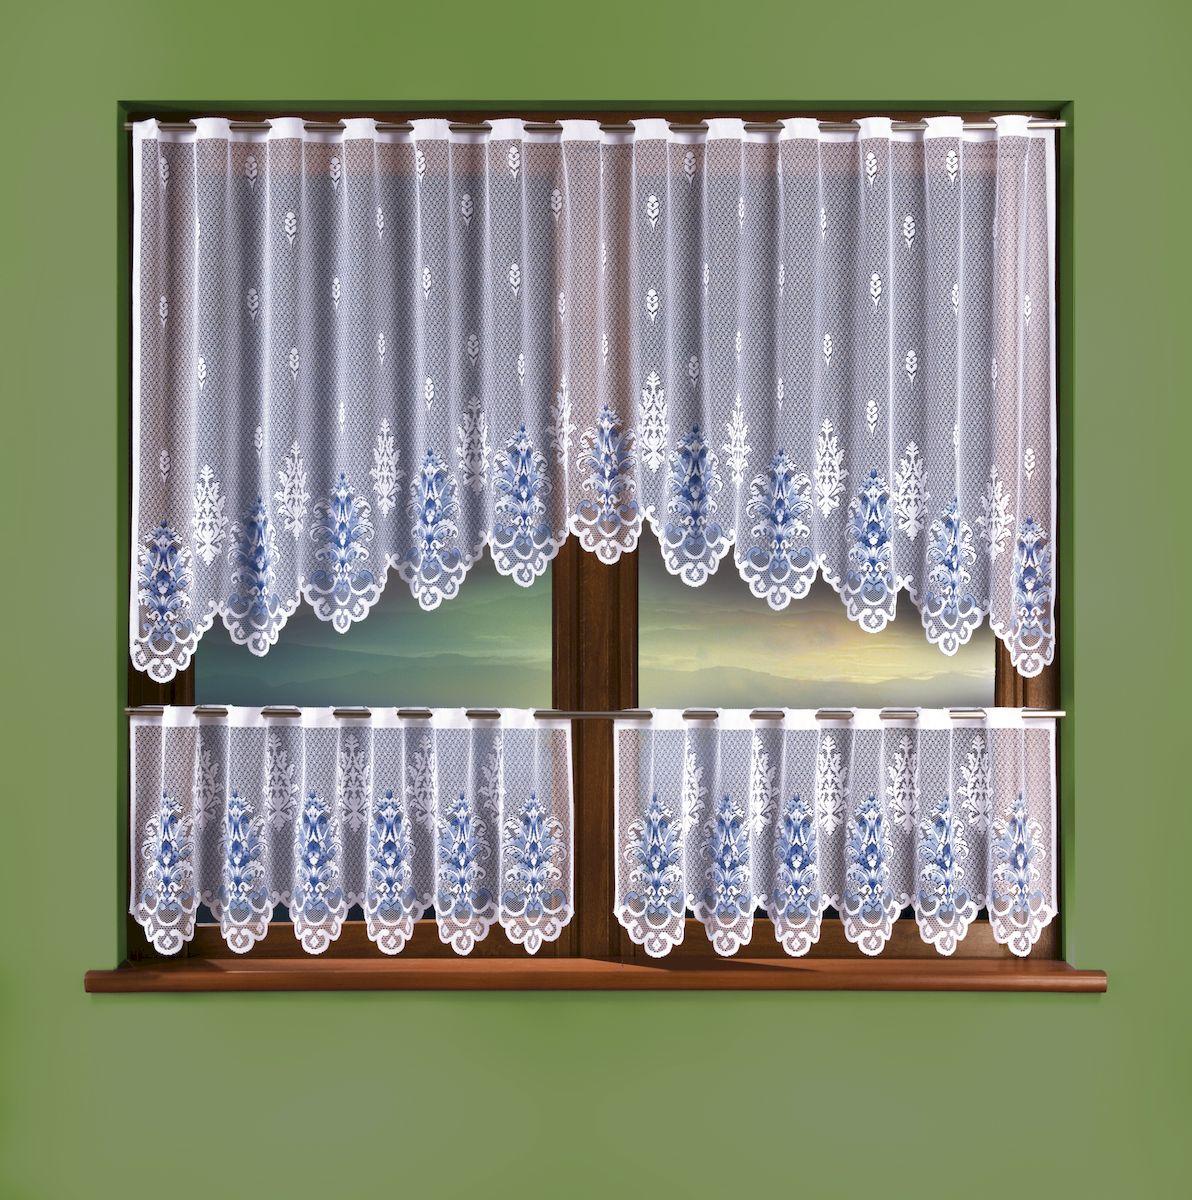 Комплект штор для кухни Wisan, цвет: белый, высота 15 см, 100 см. 33243324Комплект для кухни: высота 100х ширина 250 + высота 45х ширина 125 2 штуки, крепление на штангу.Размер: высота 100 x ширина 250 + (высота 45 x ширина 125) x 2